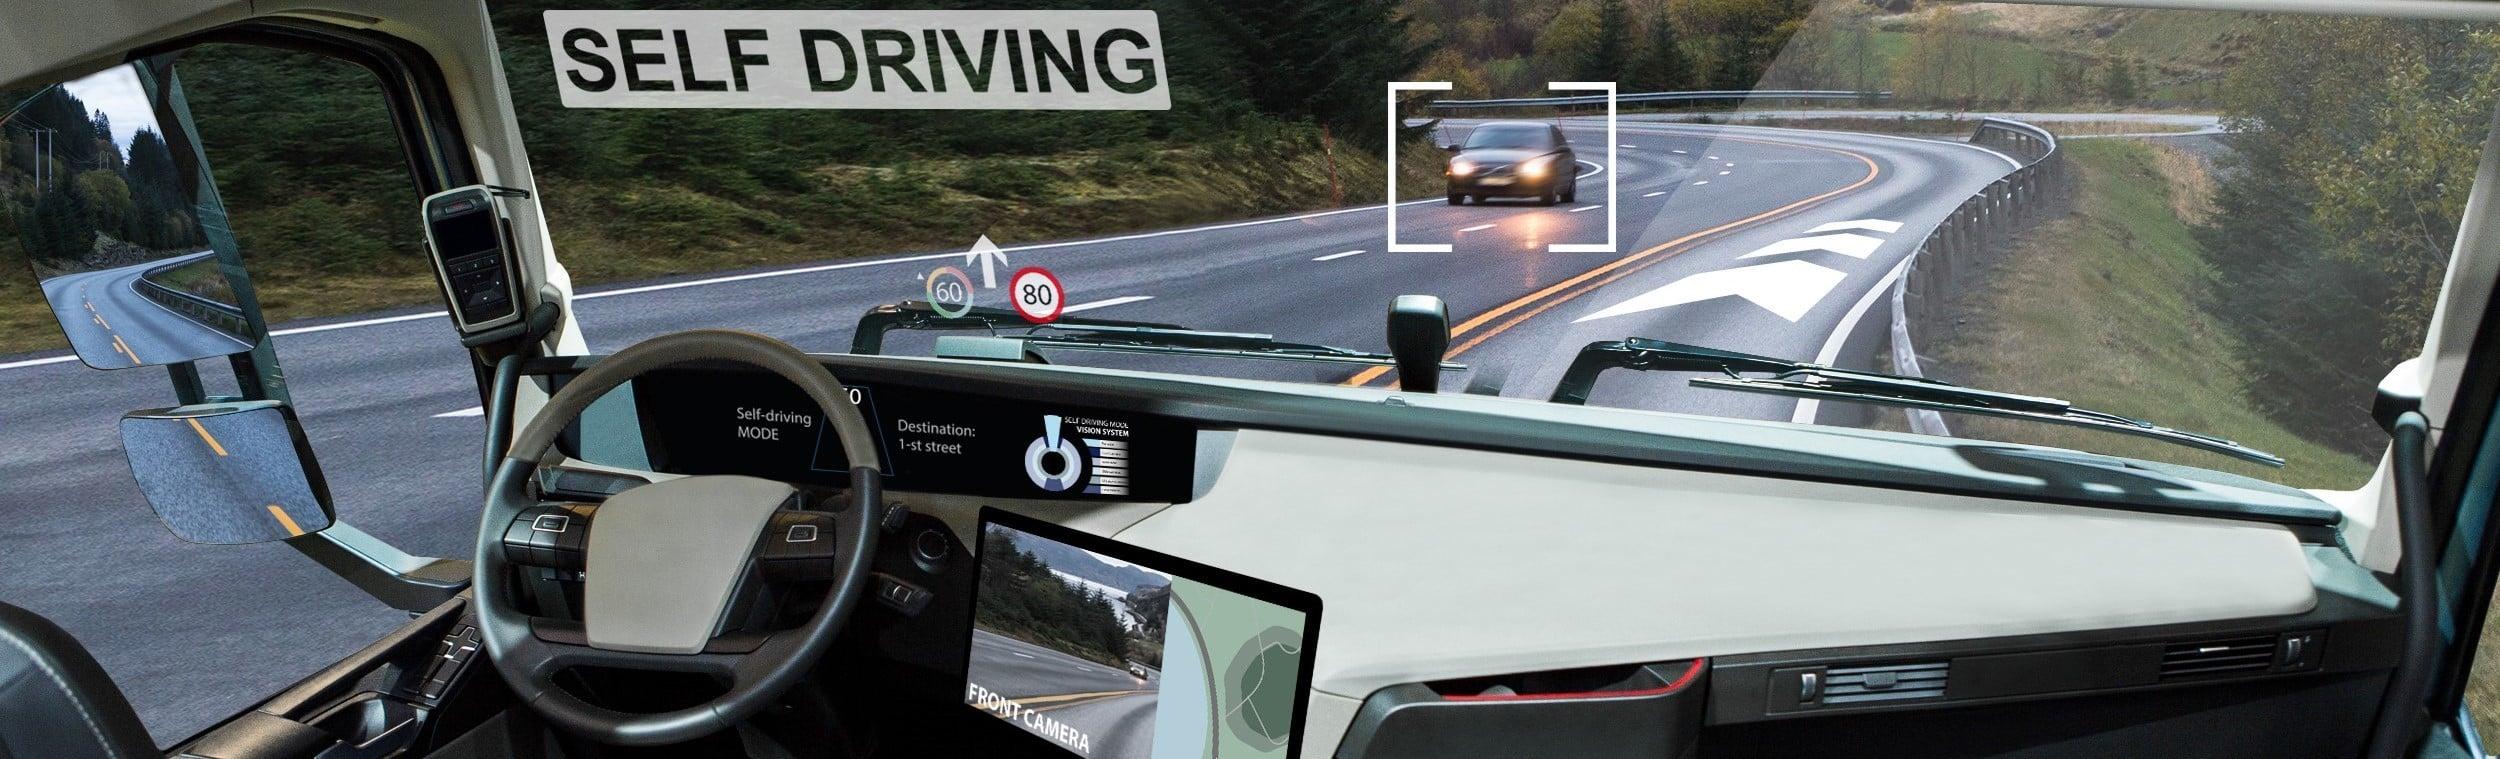 Logistik-Berufe wandeln sich durch die Digitalisierung. Aber auch in selbstfahrenden LKW wird ein Mensch sitzen, der dann vielleicht nicht mehr Fahrer, sondern LKW-Operator genannt wird.